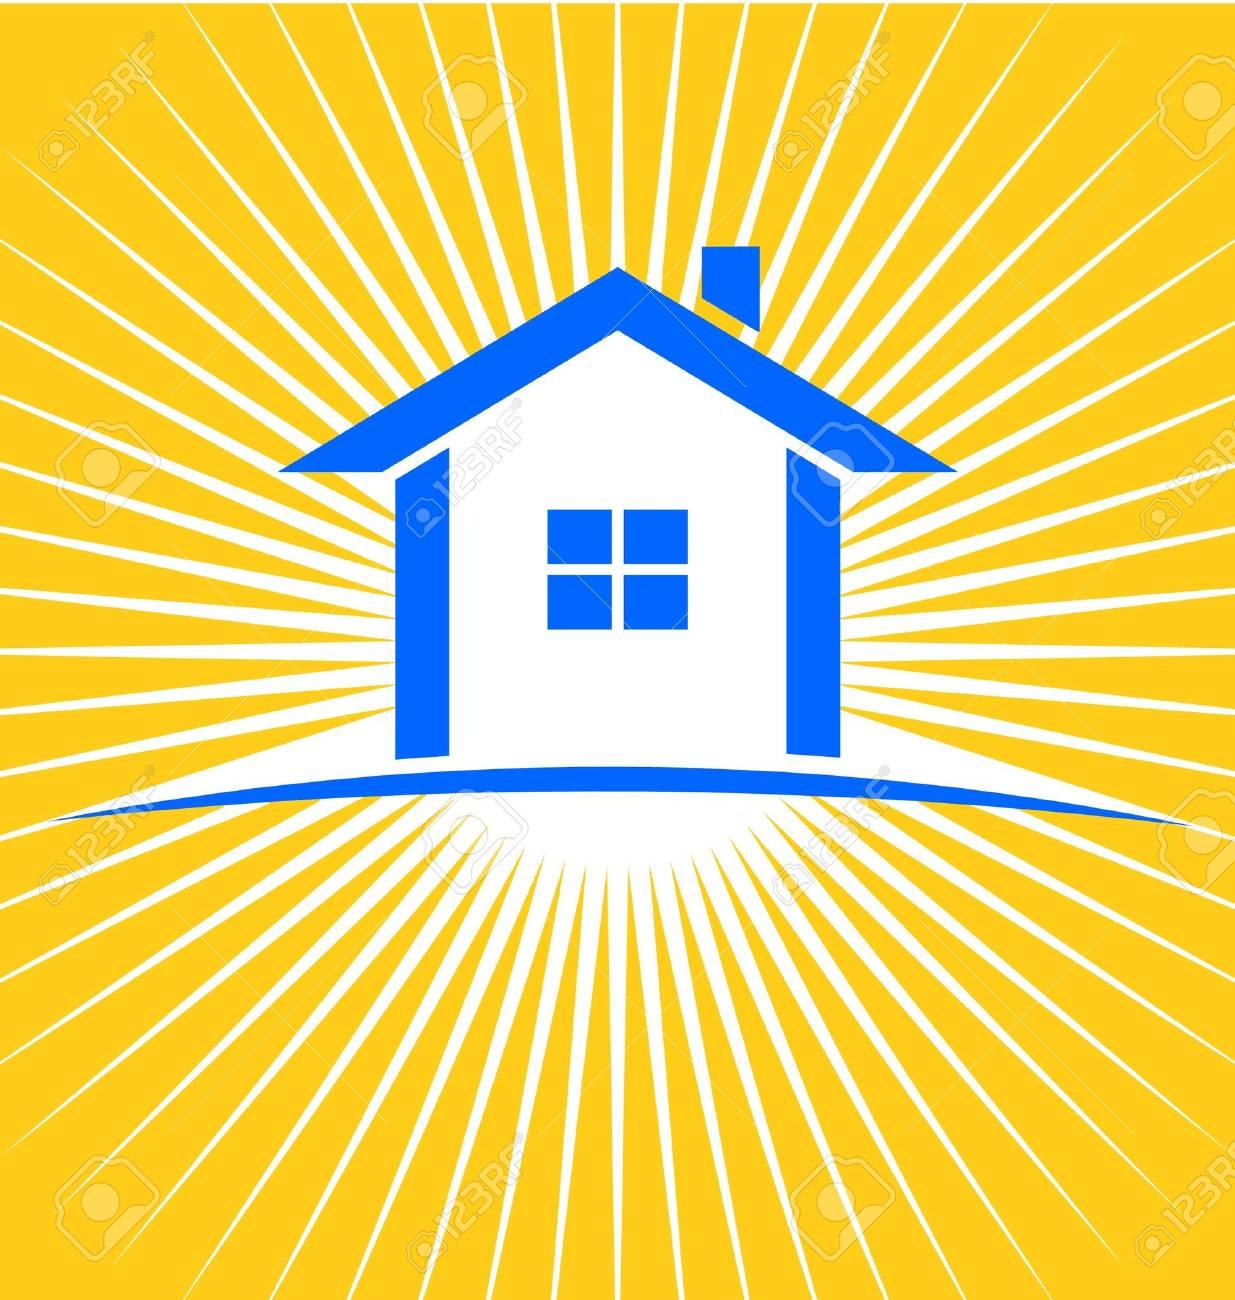 House Sunburst Stock Vector - 13577915